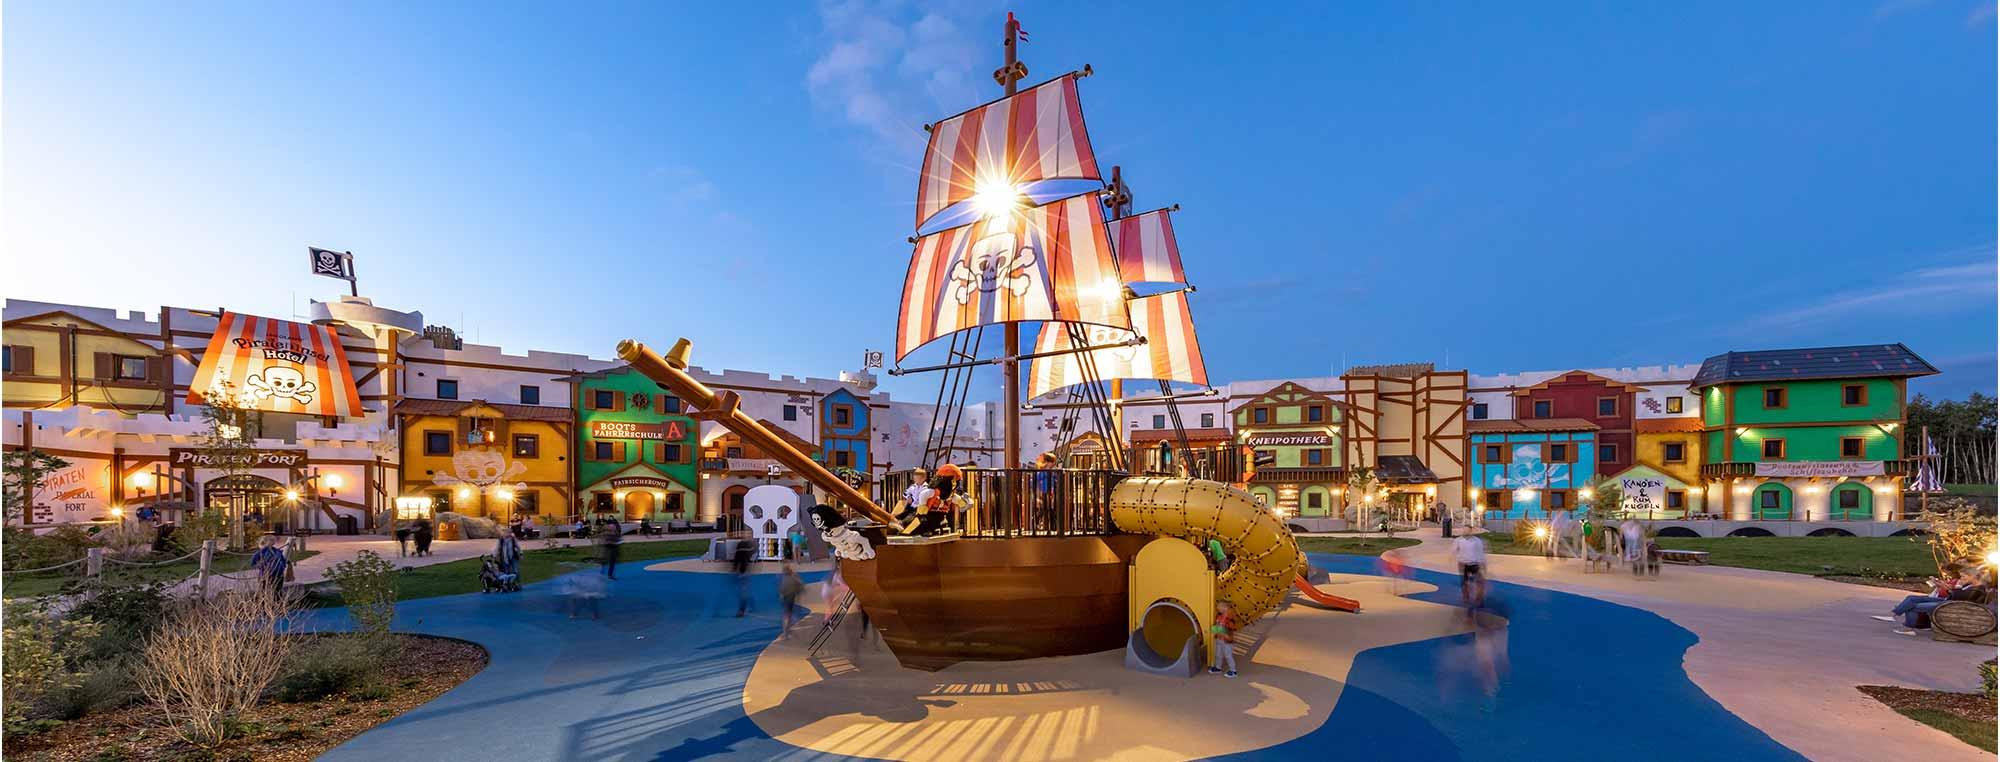 Die Übernachtungsanlage Pirateninsel im Legoland Feriendorf in Günzburg. Im Rohbau errichtet durch das Bauunternehmen bendl in Günzburg.